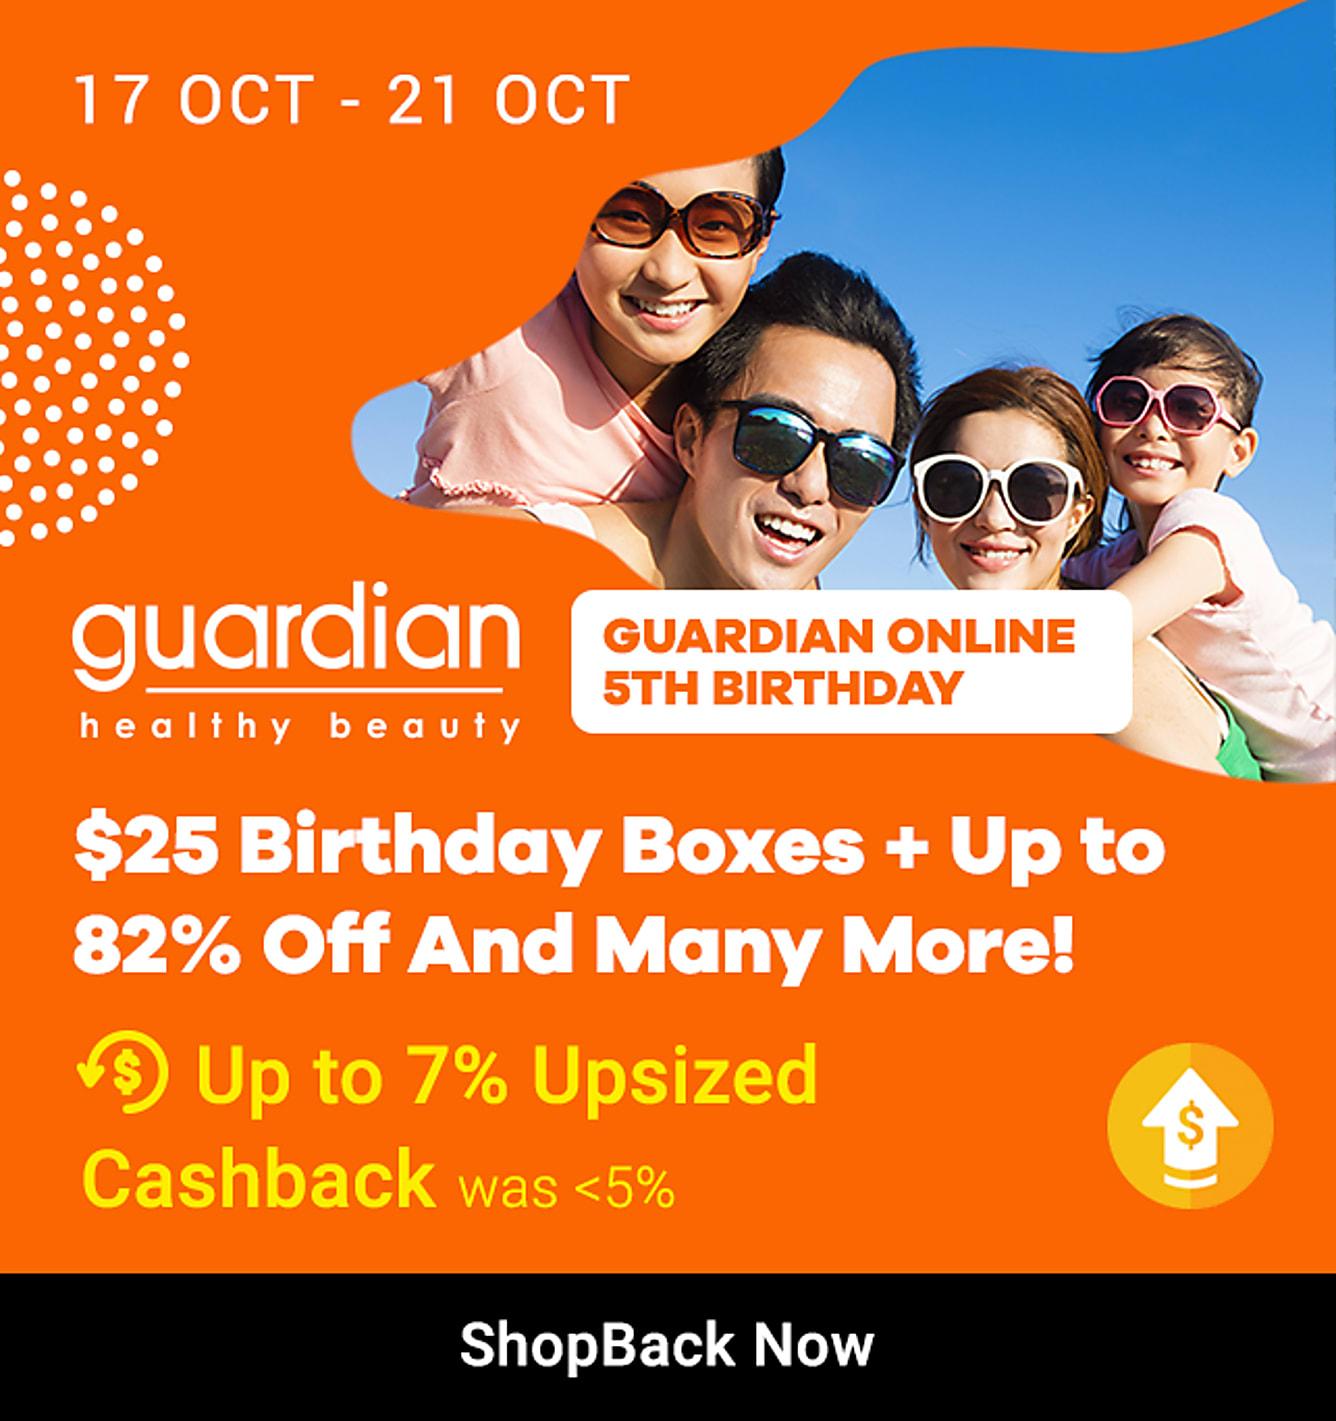 Guardian_Oct_17 Oct-21 Oct 2019